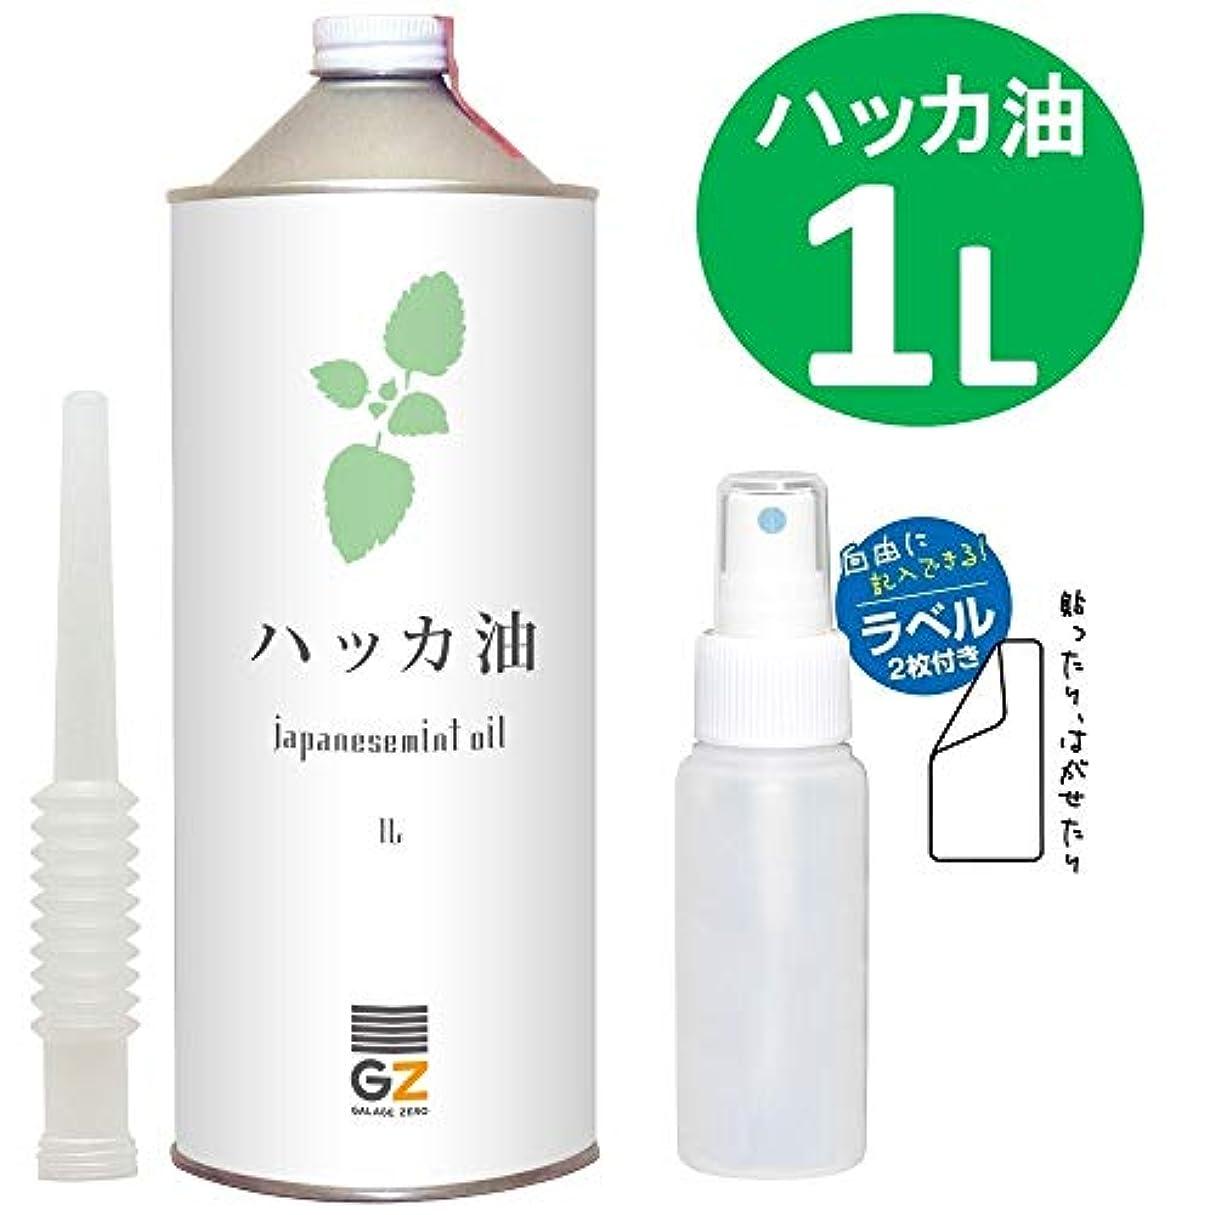 副産物星思いやりガレージ?ゼロ ハッカ油 1L(GZAK14)+50mlPEスプレーボトル/和種薄荷/ジャパニーズミント GSE531